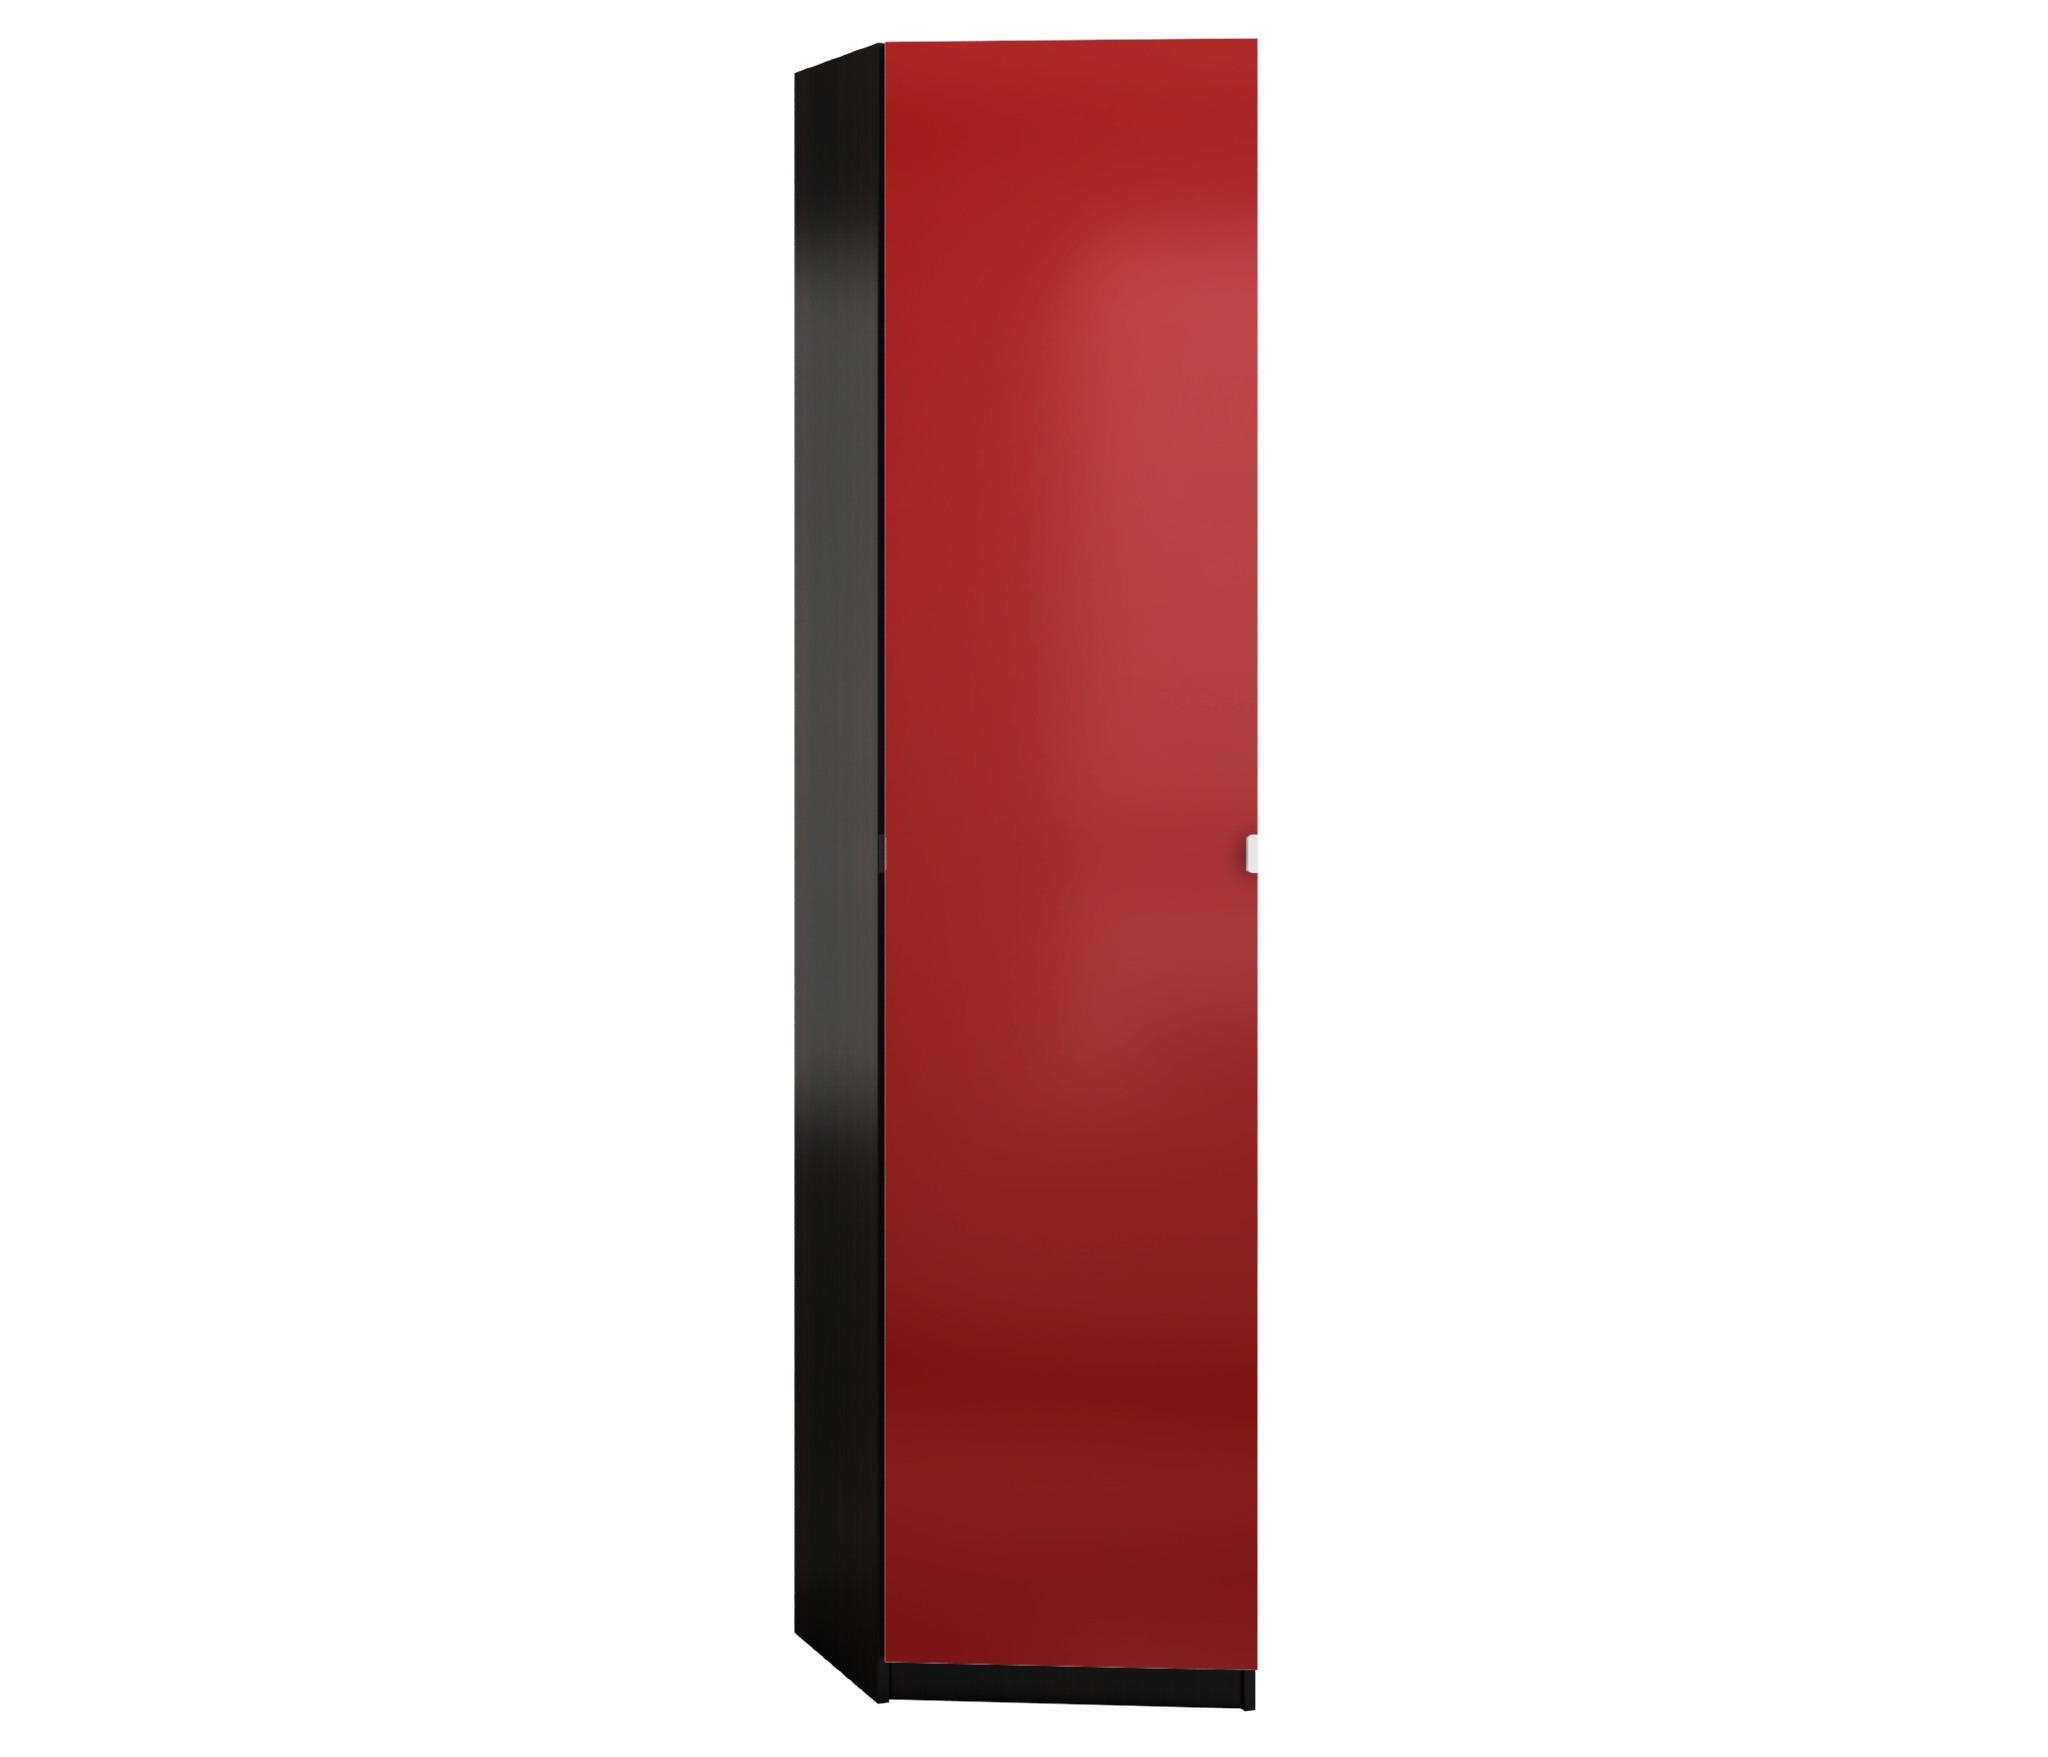 Палермо Шкаф торцевой дуб феррара СБ-1738Шкафы<br>Узкий стильный шкаф с глухим фасадом продуманной конструкции.<br><br>Длина мм: 400<br>Высота мм: 2224<br>Глубина мм: 546